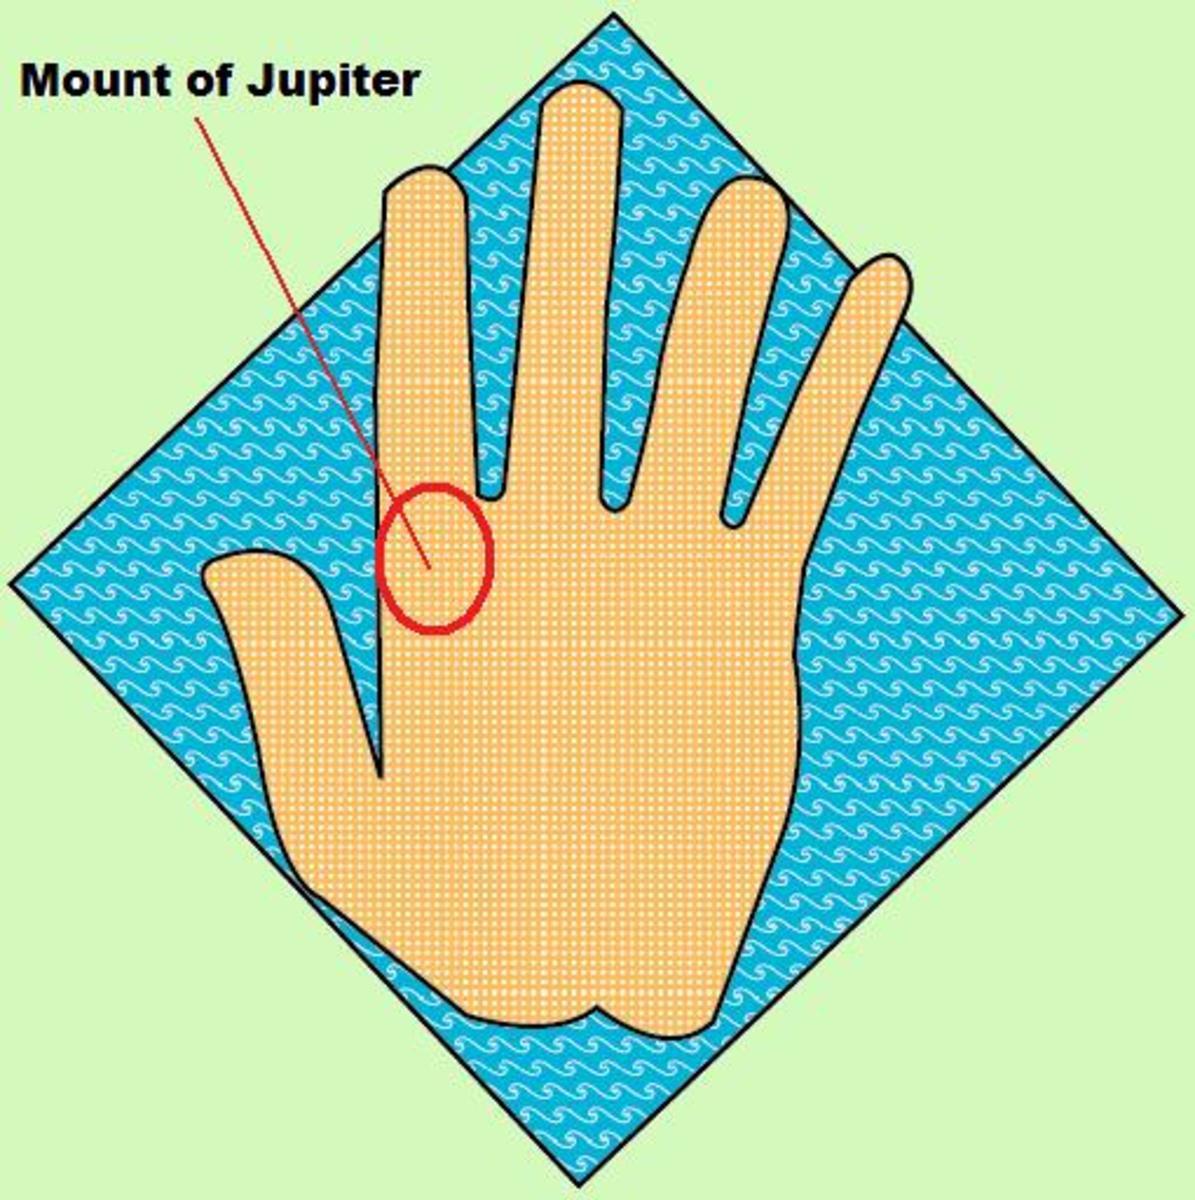 Mount of Jupiter beneath the forefinger